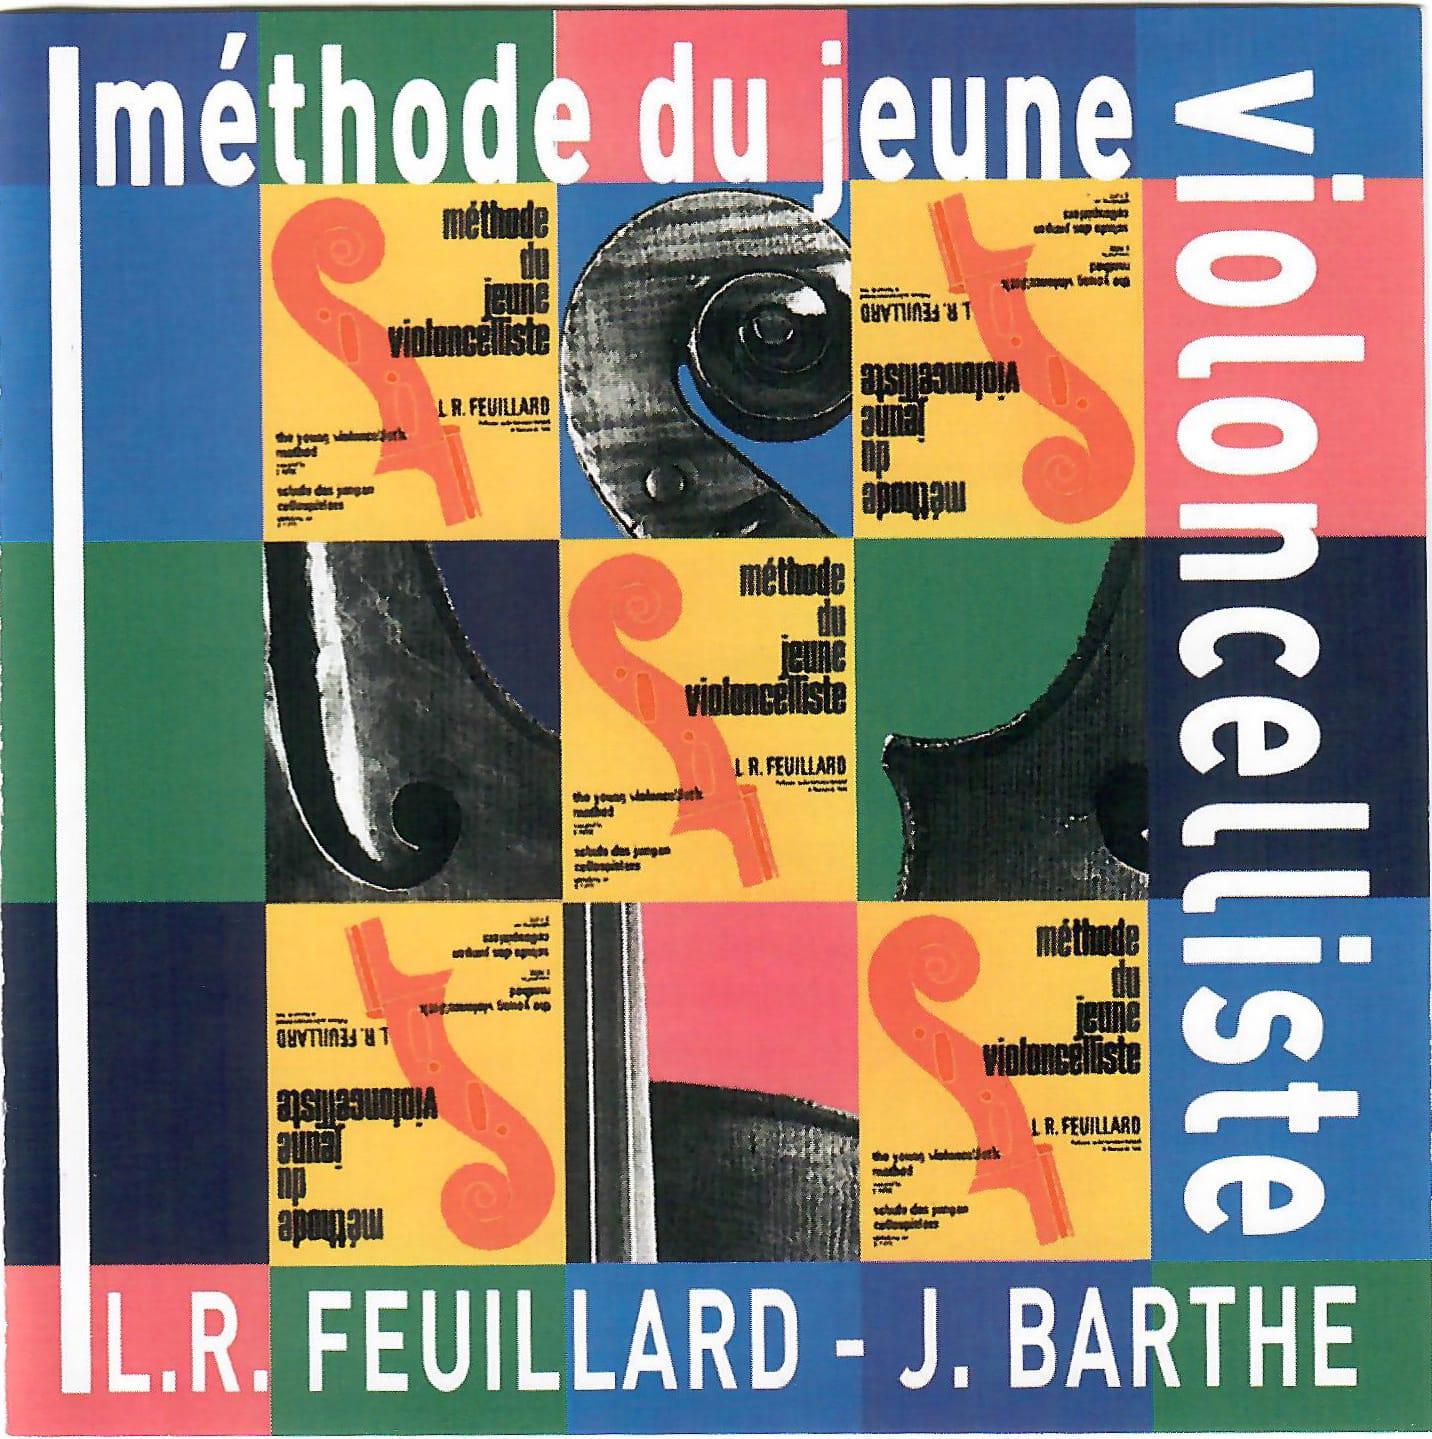 FEUILLARD - CD - El método del joven violonchelista - Partition - di-arezzo.es